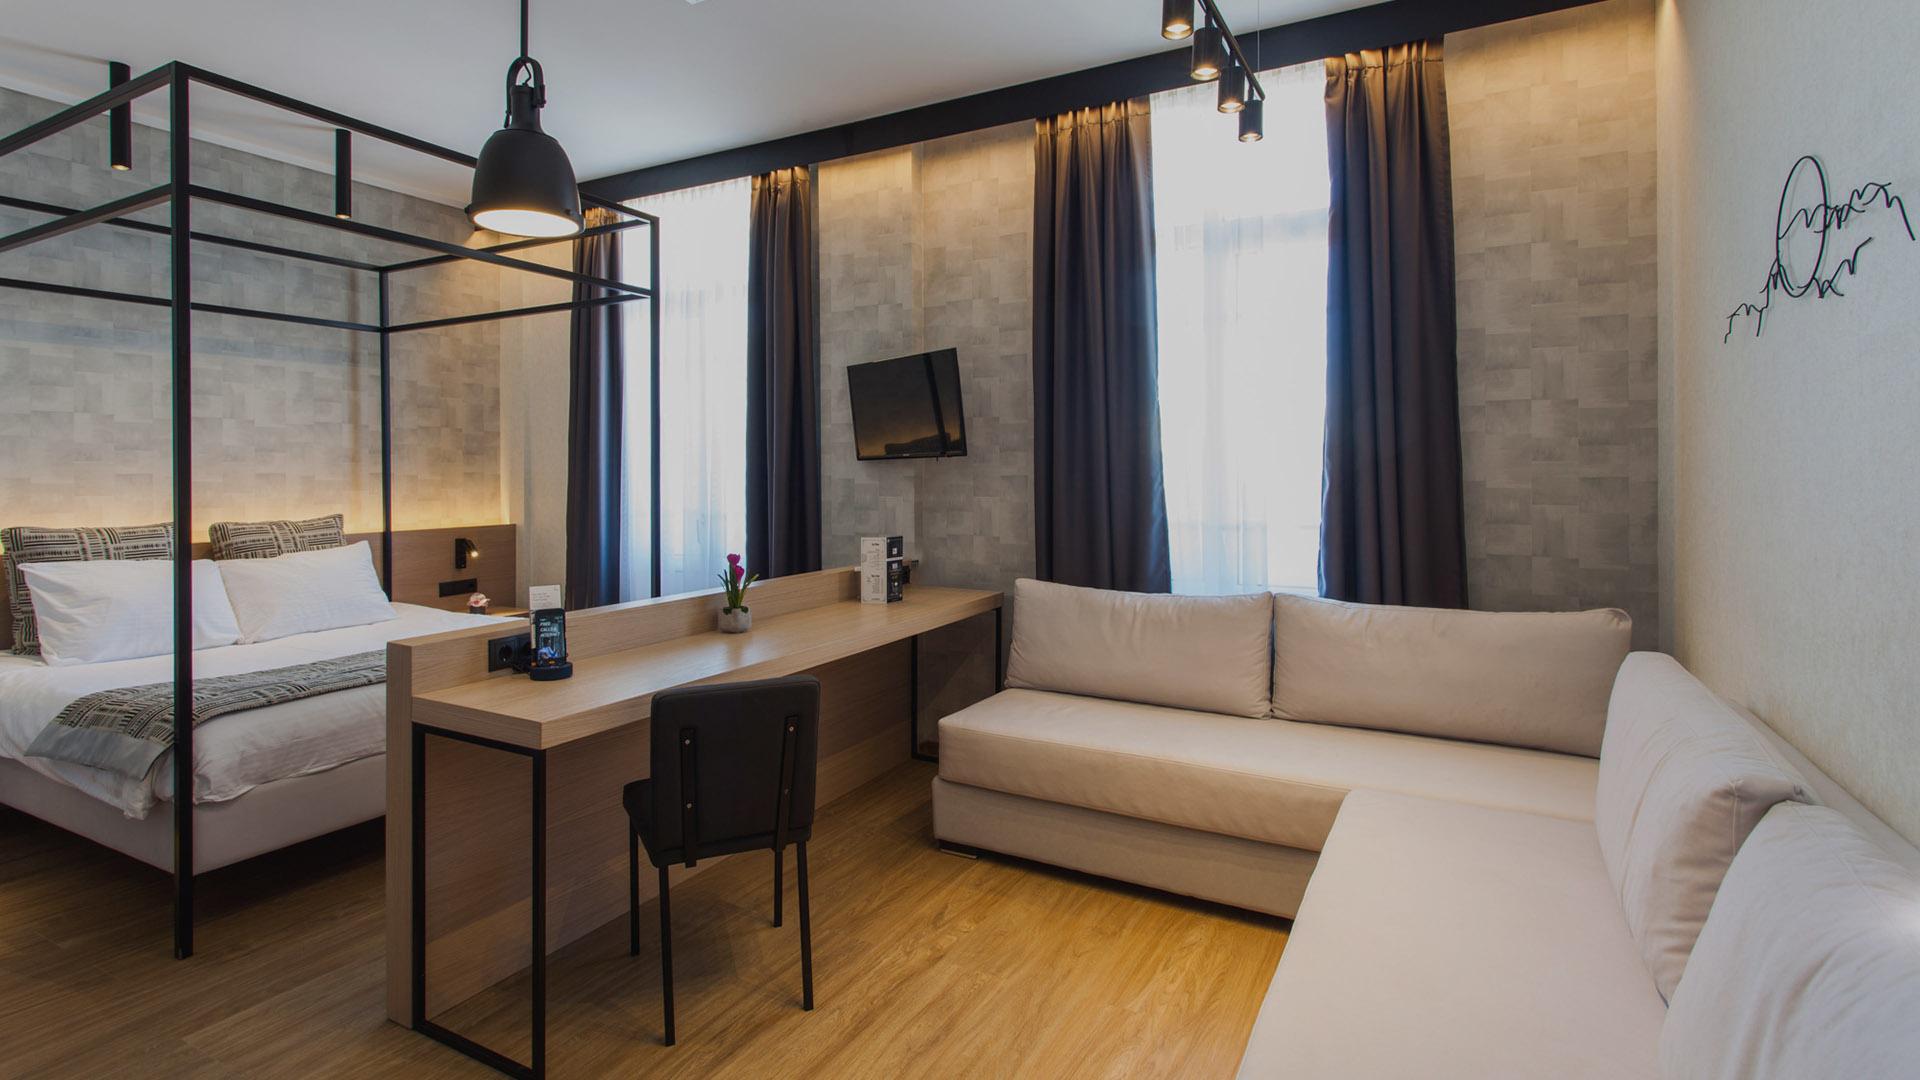 θεσσαλονικη ξενοδοχεια - Aegeon Hotels